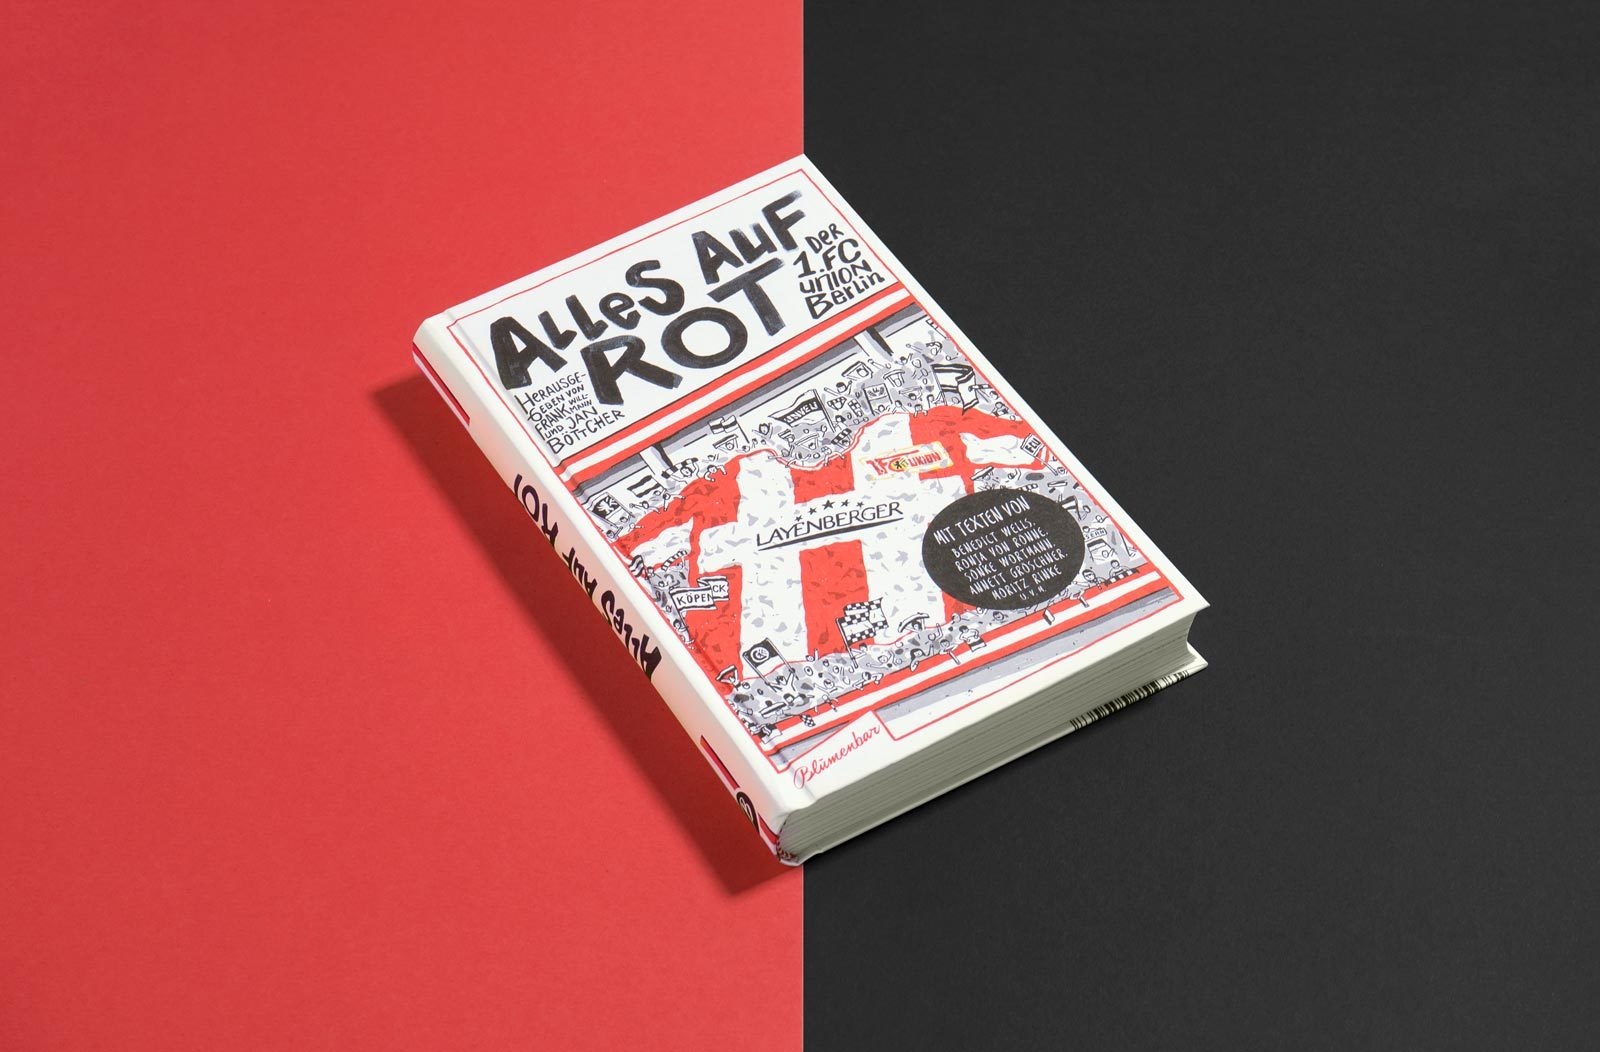 Editienne Kommunikationsdesign- Buchgestaltung und Coverdesign- Alles steht auf Rot